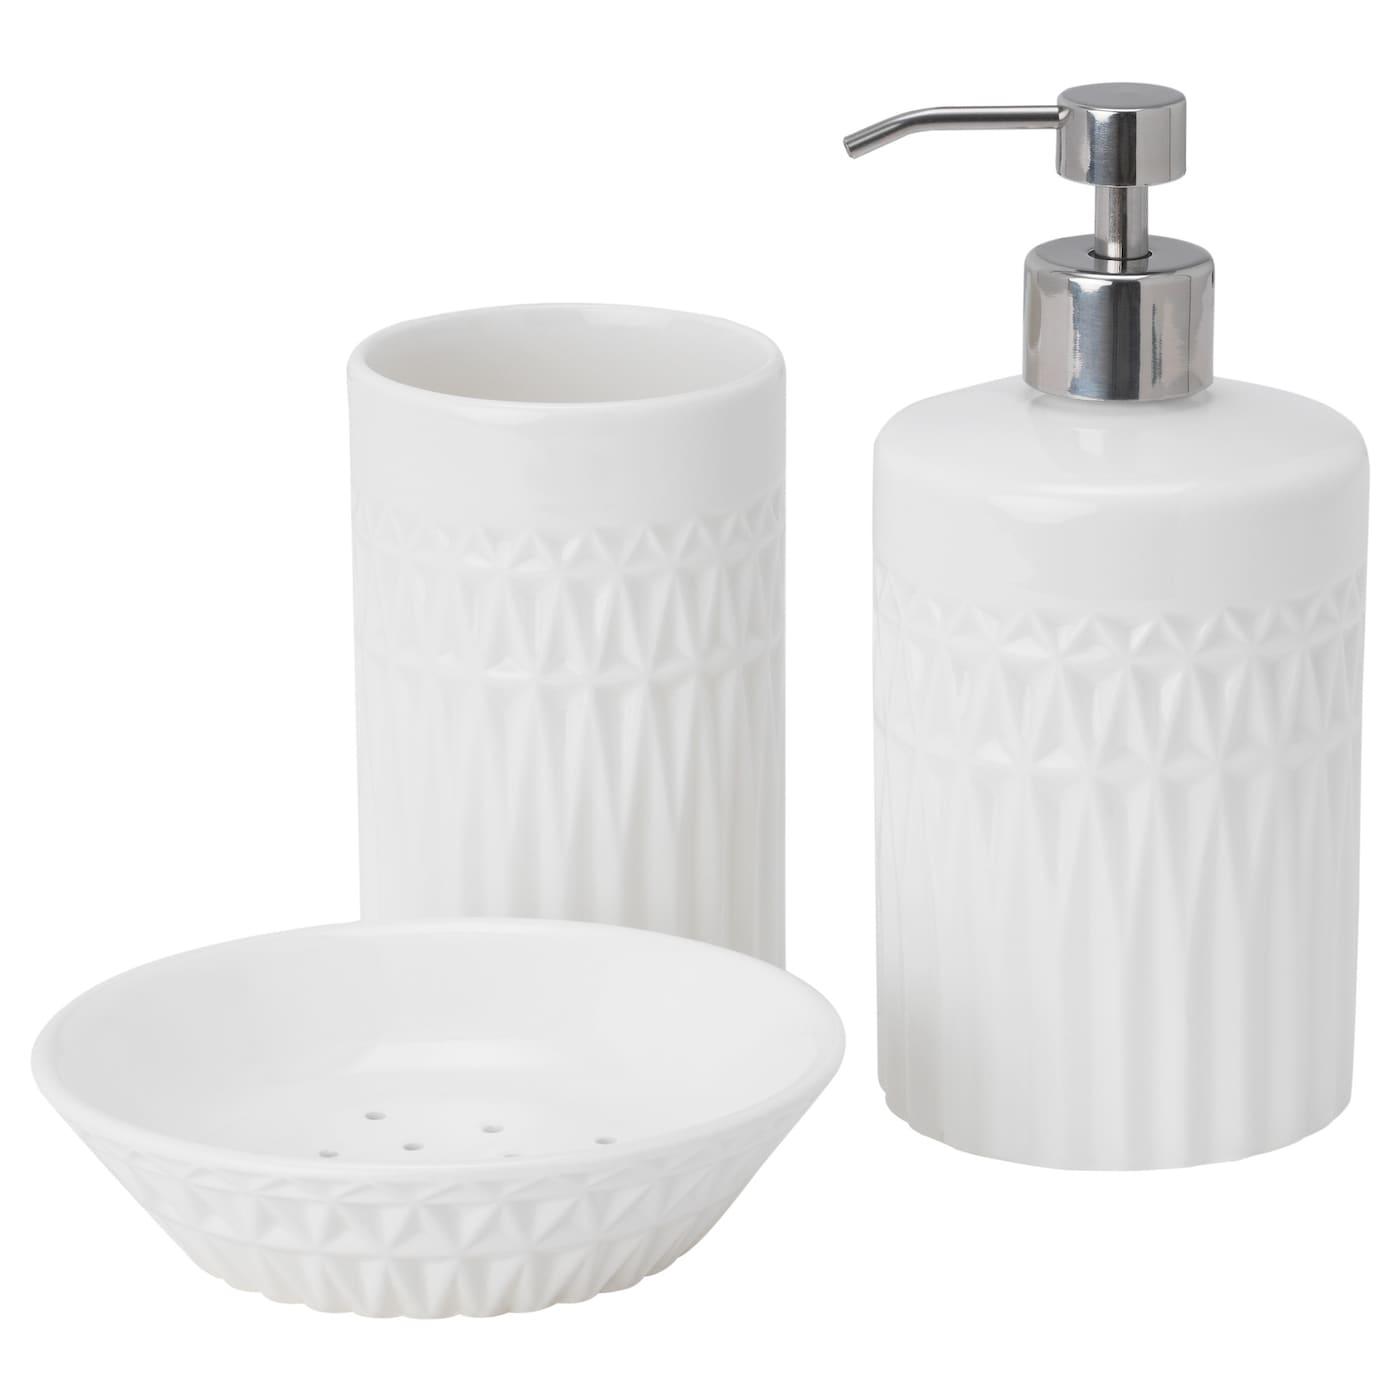 GAVIKEN 5-piece bathroom set - white